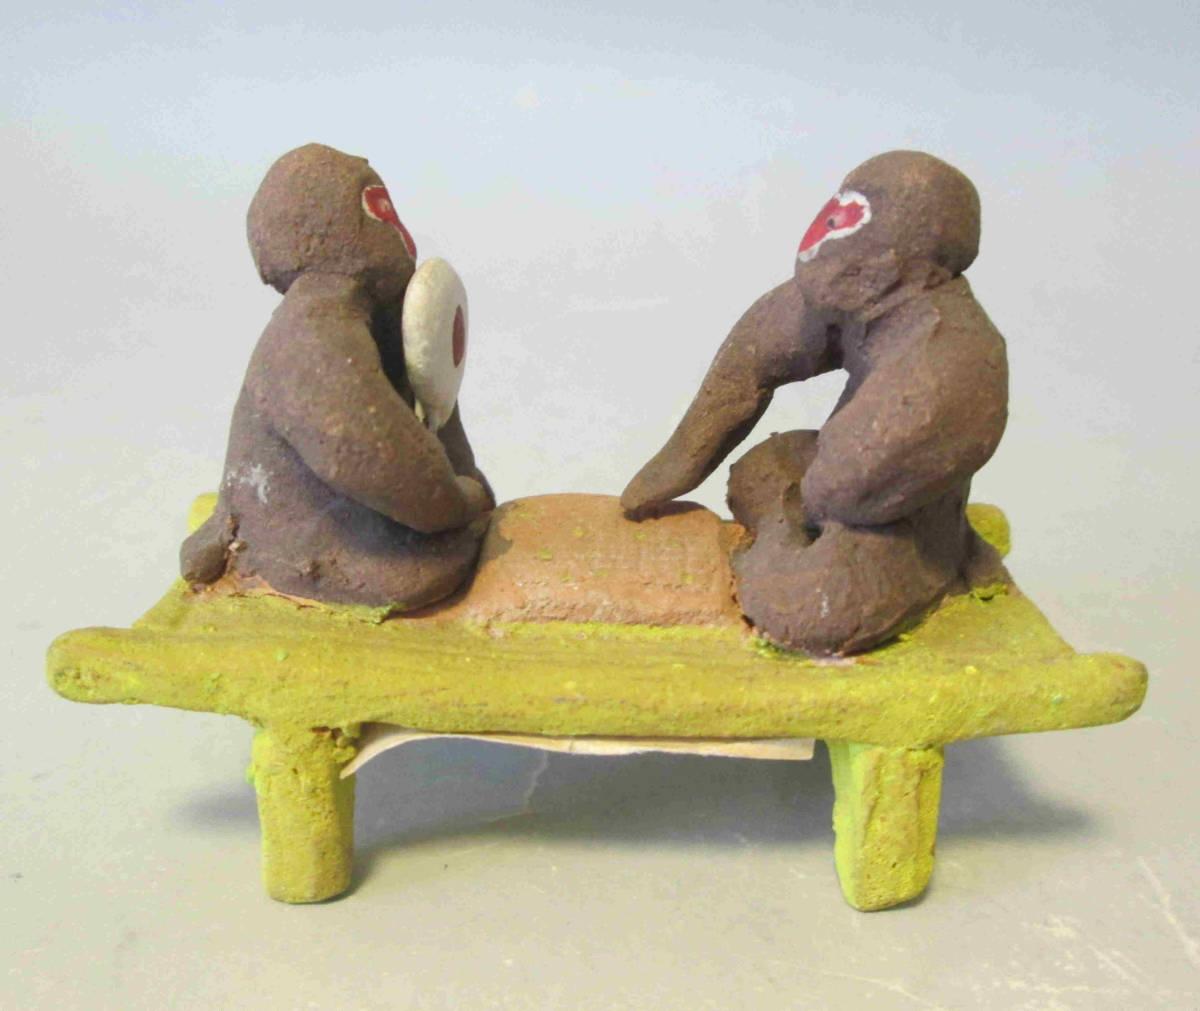 郷土玩具、土人形・・・堺の湊焼きの縁台将棋の猿